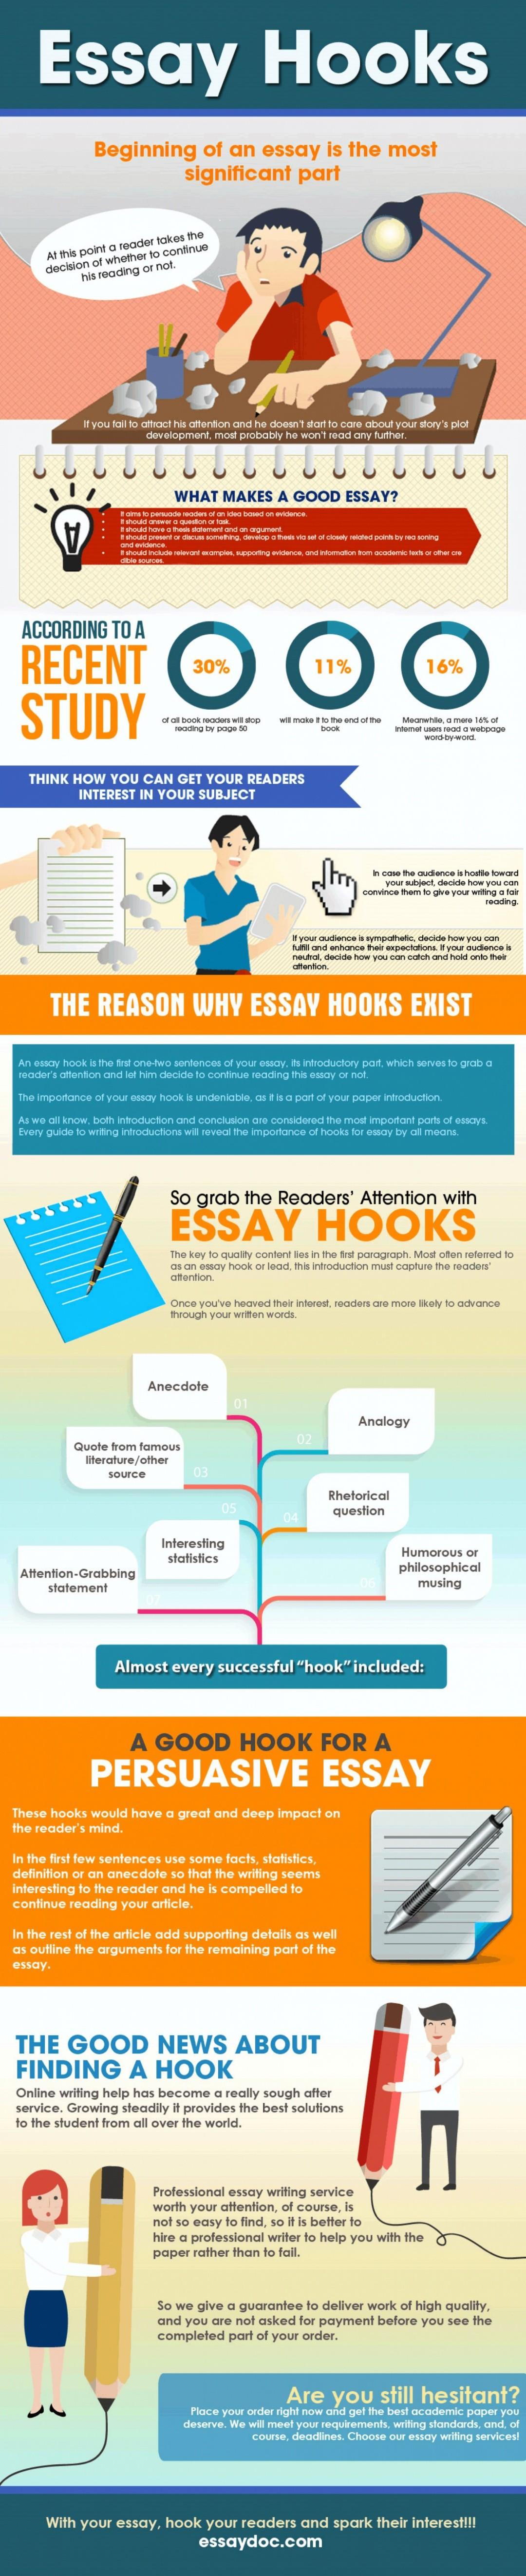 Essay Hooks